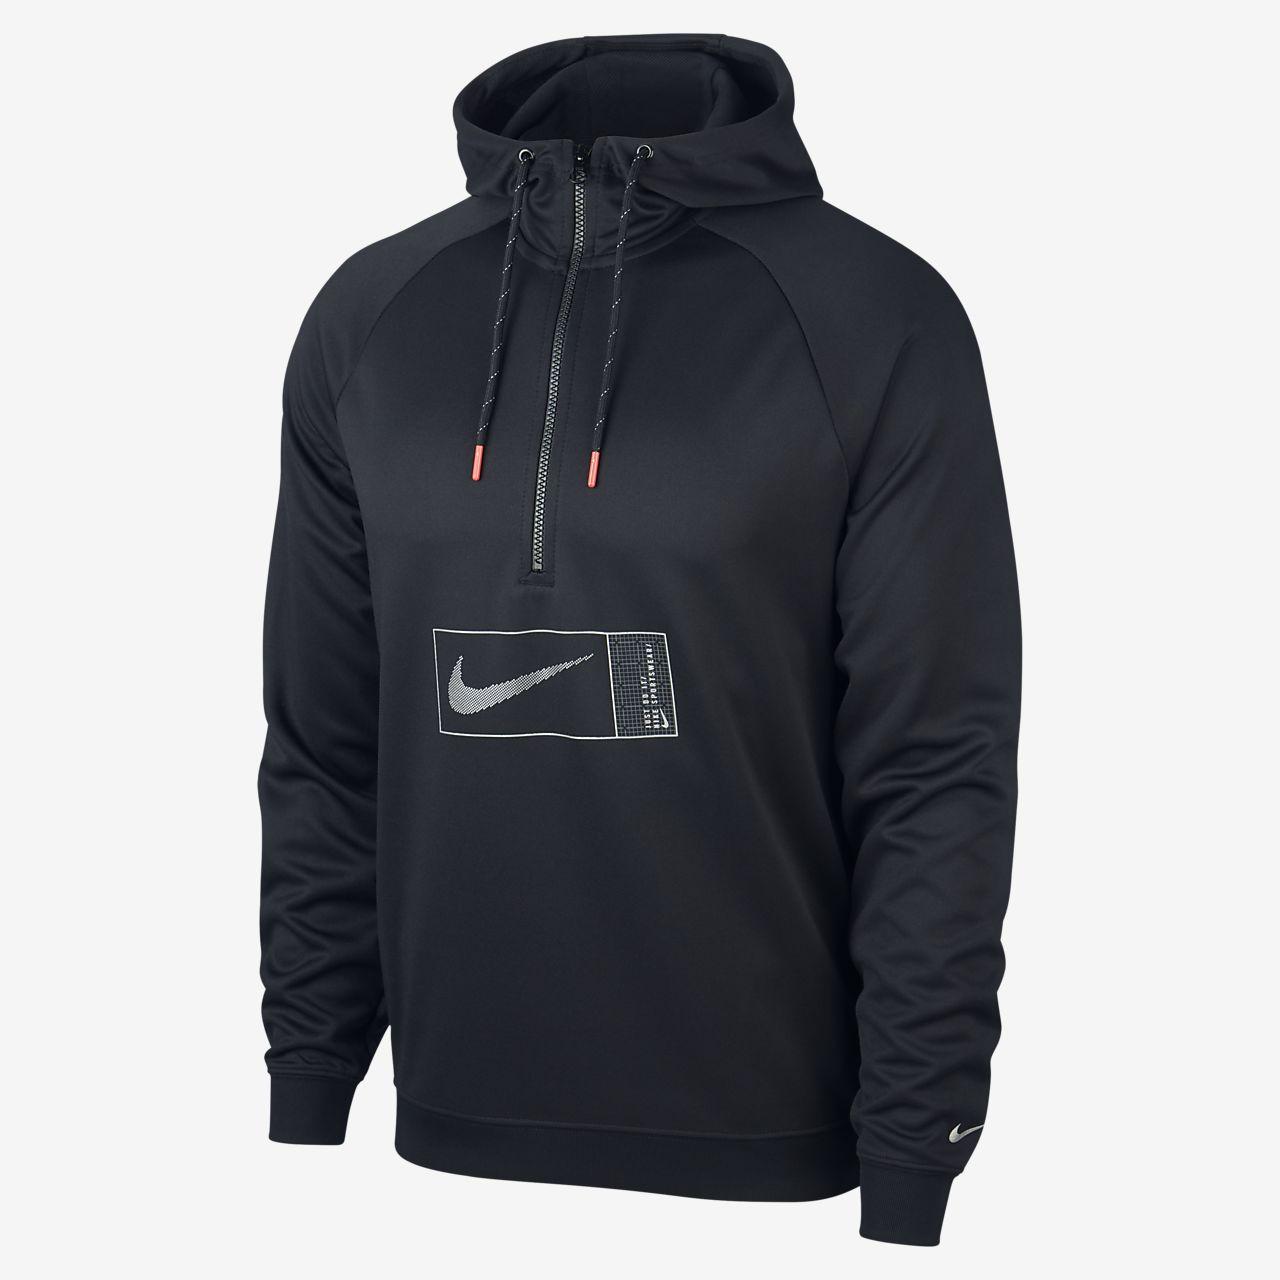 Giacca tuta con cappuccio e zip uomo Nike nera